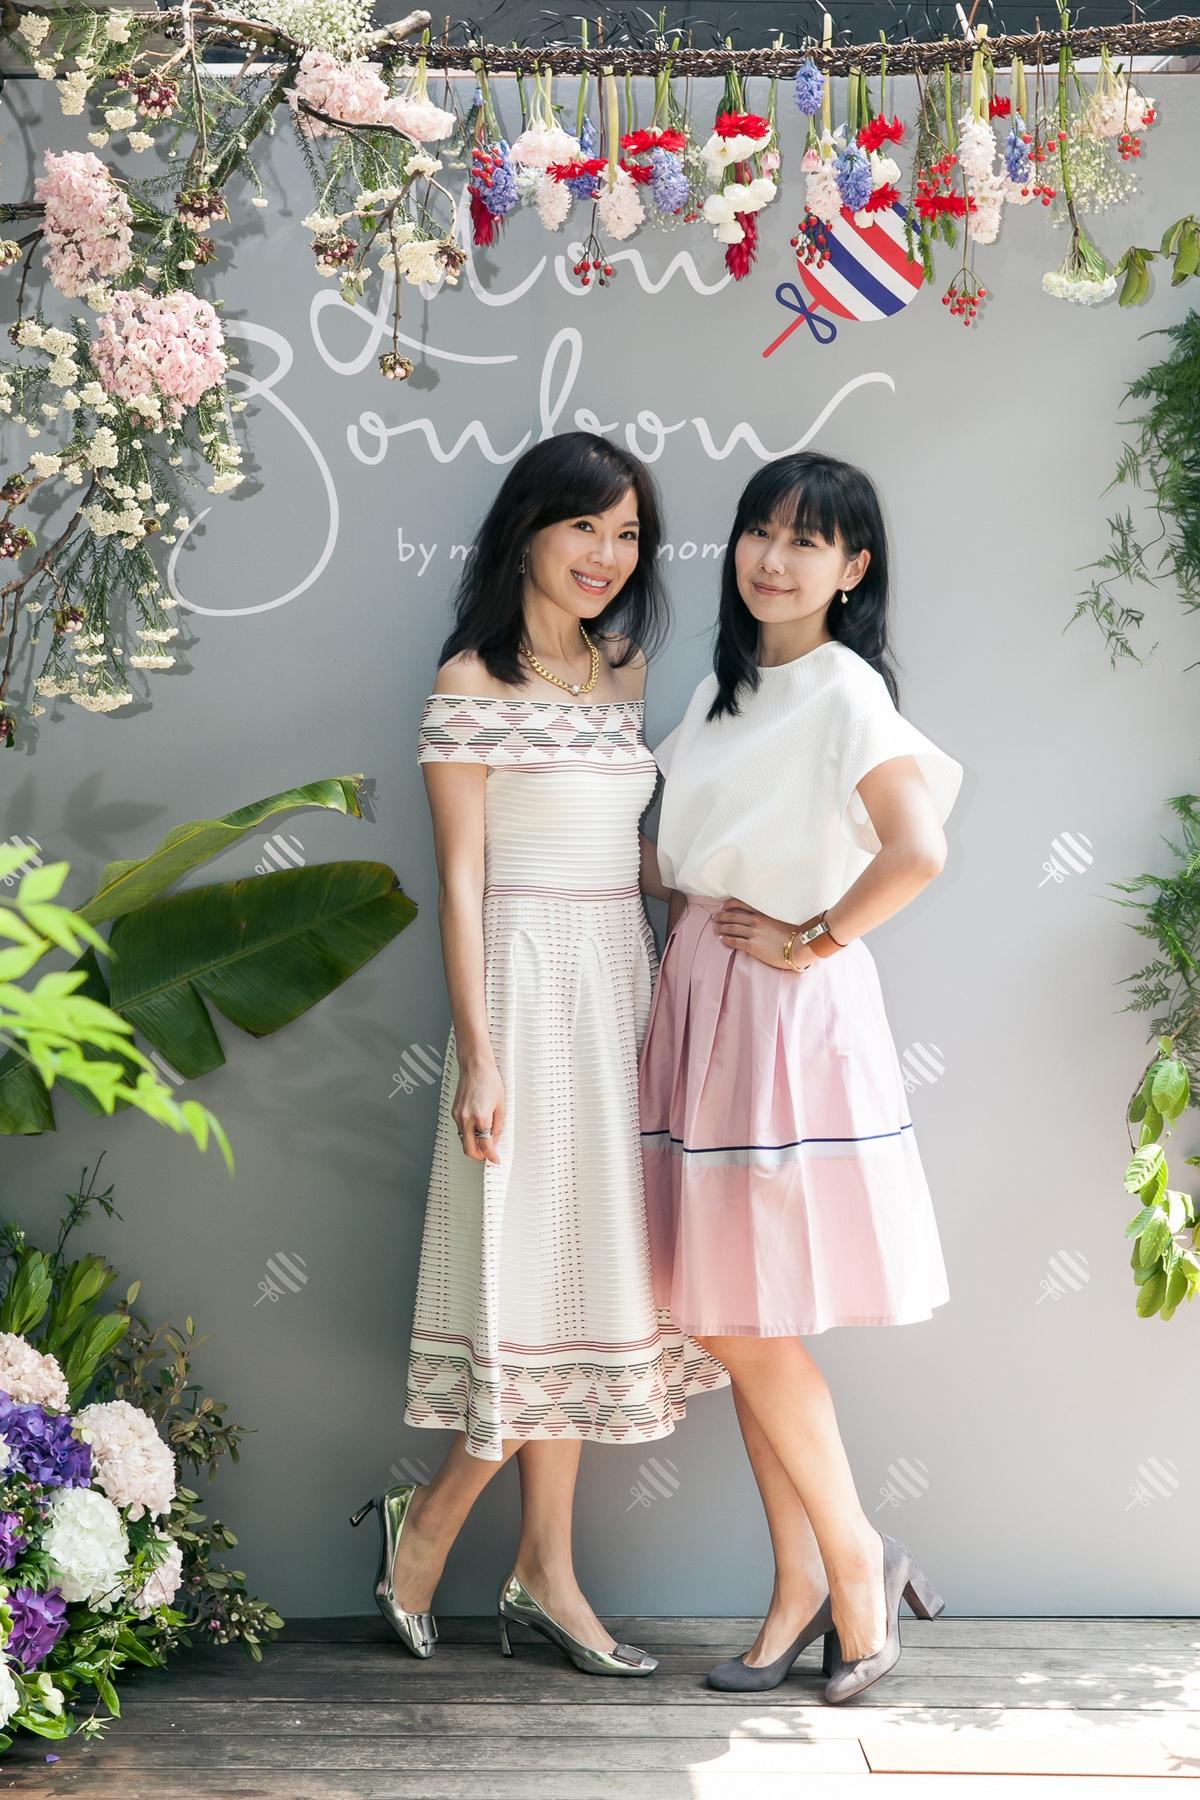 明星媽咪徐若瑄、范瑋琪最愛嬰兒選物品牌 Mon Bonbon初夏快閃店